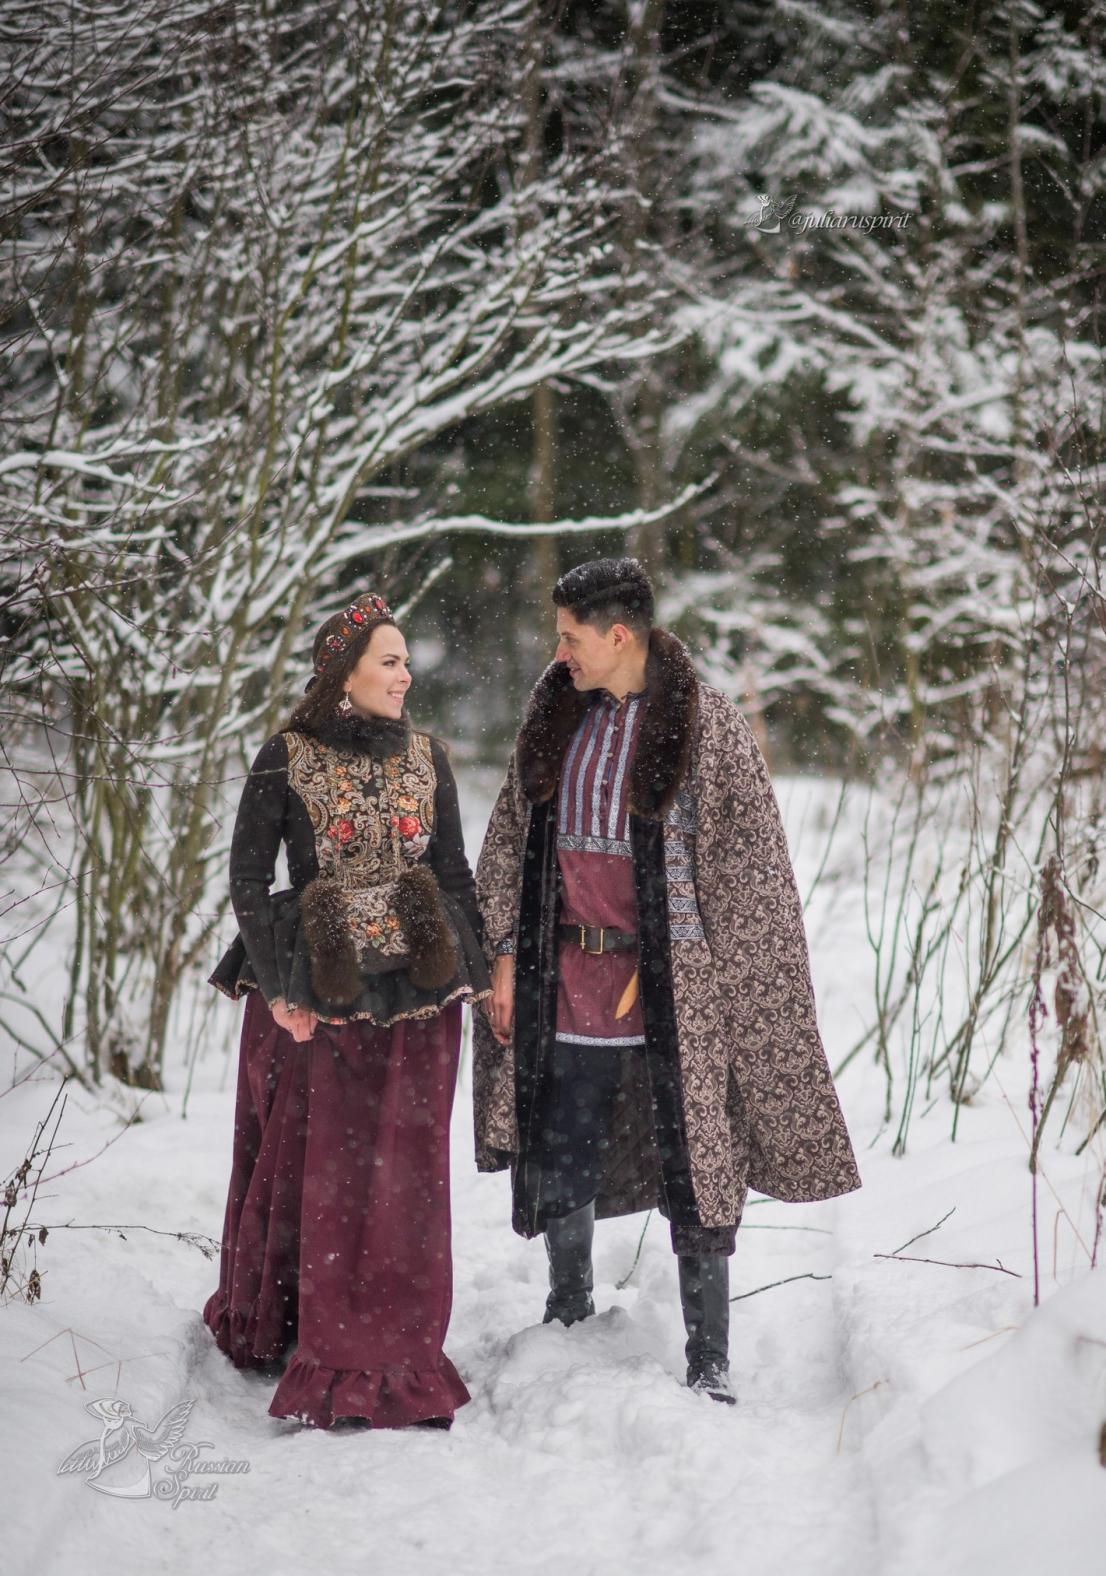 Мужчина и женщина в боярских народных костюмах